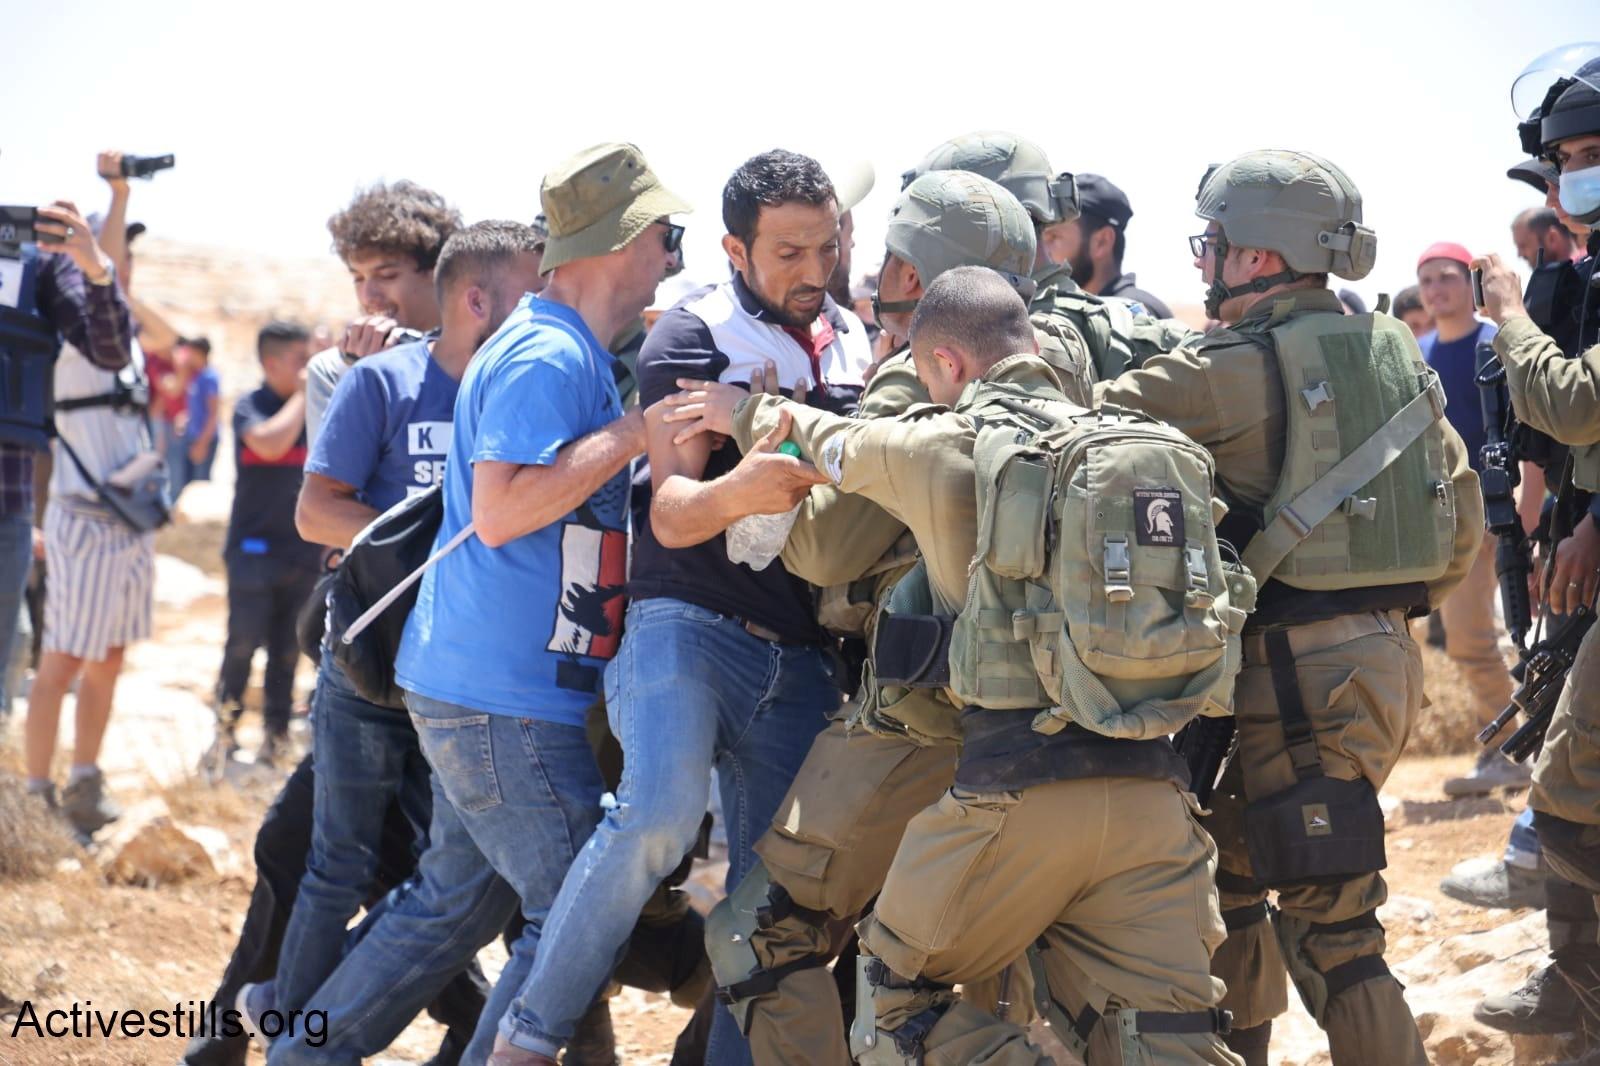 דרום הר חברון: כיבוש, הברחות נשק ופשע מאורגן